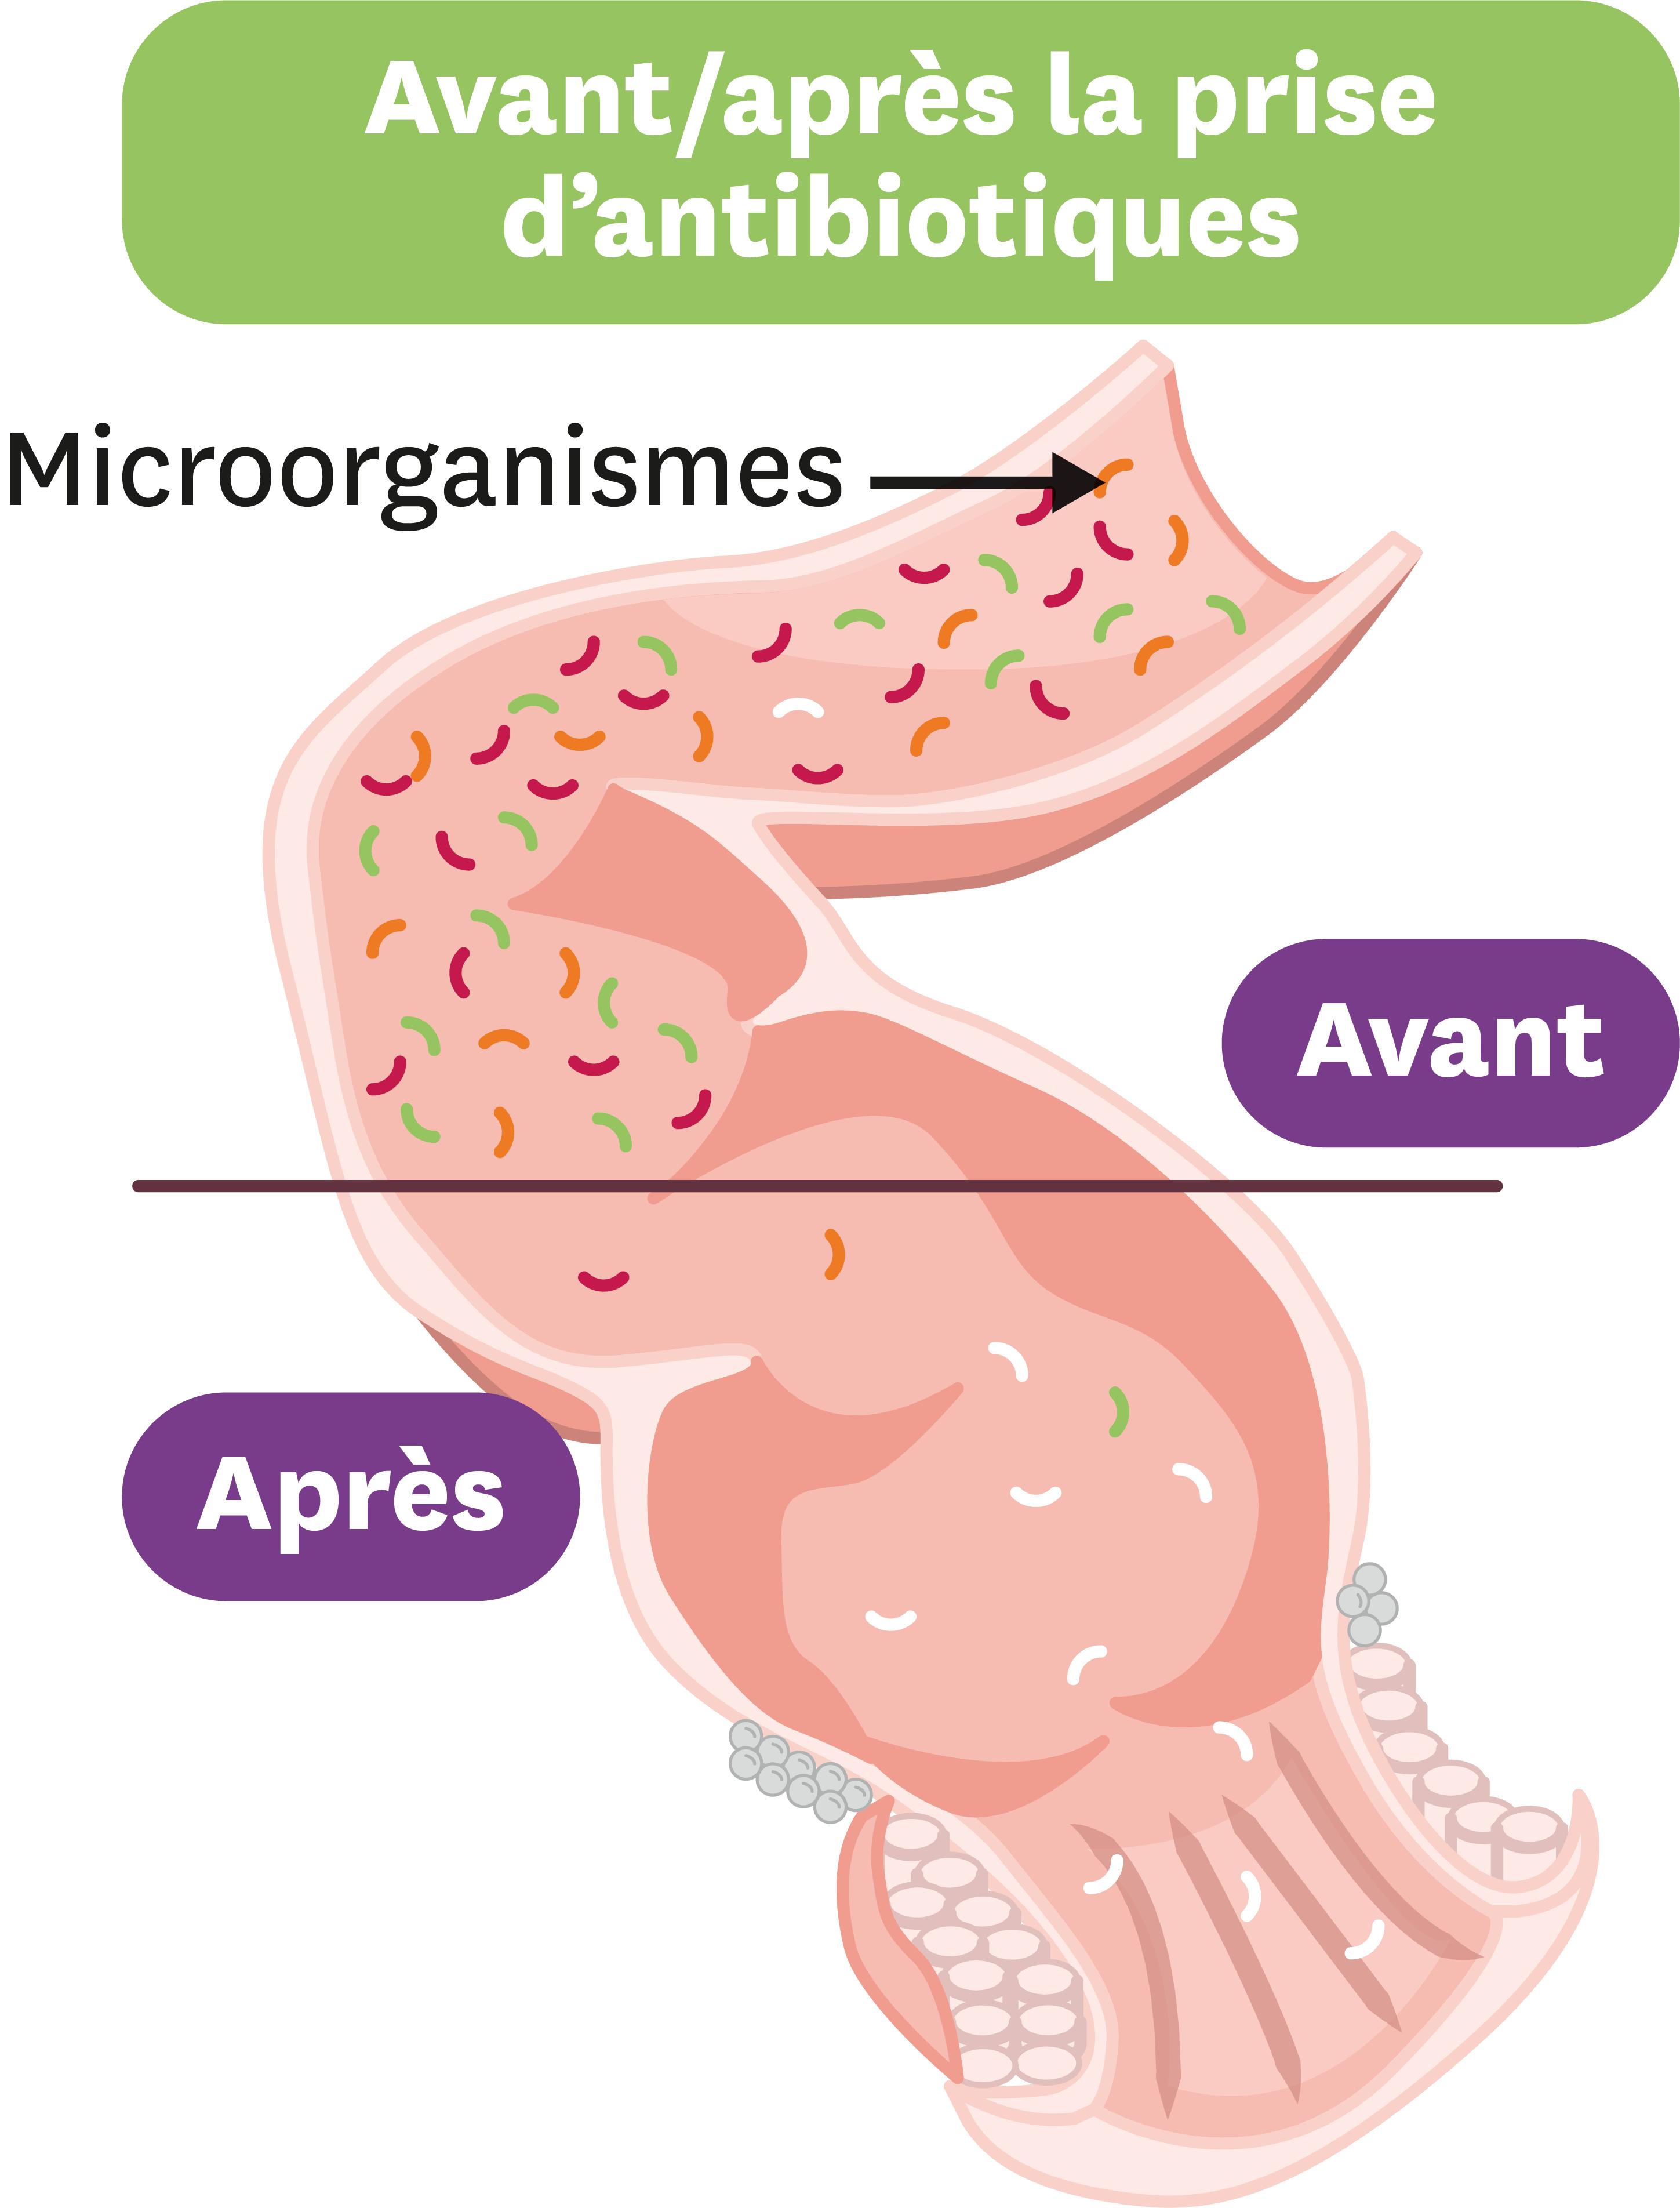 <stamp theme='svt-green1'>Doc. 4</stamp> L'effet des antiobiotiques sur le microbiote intestinal.